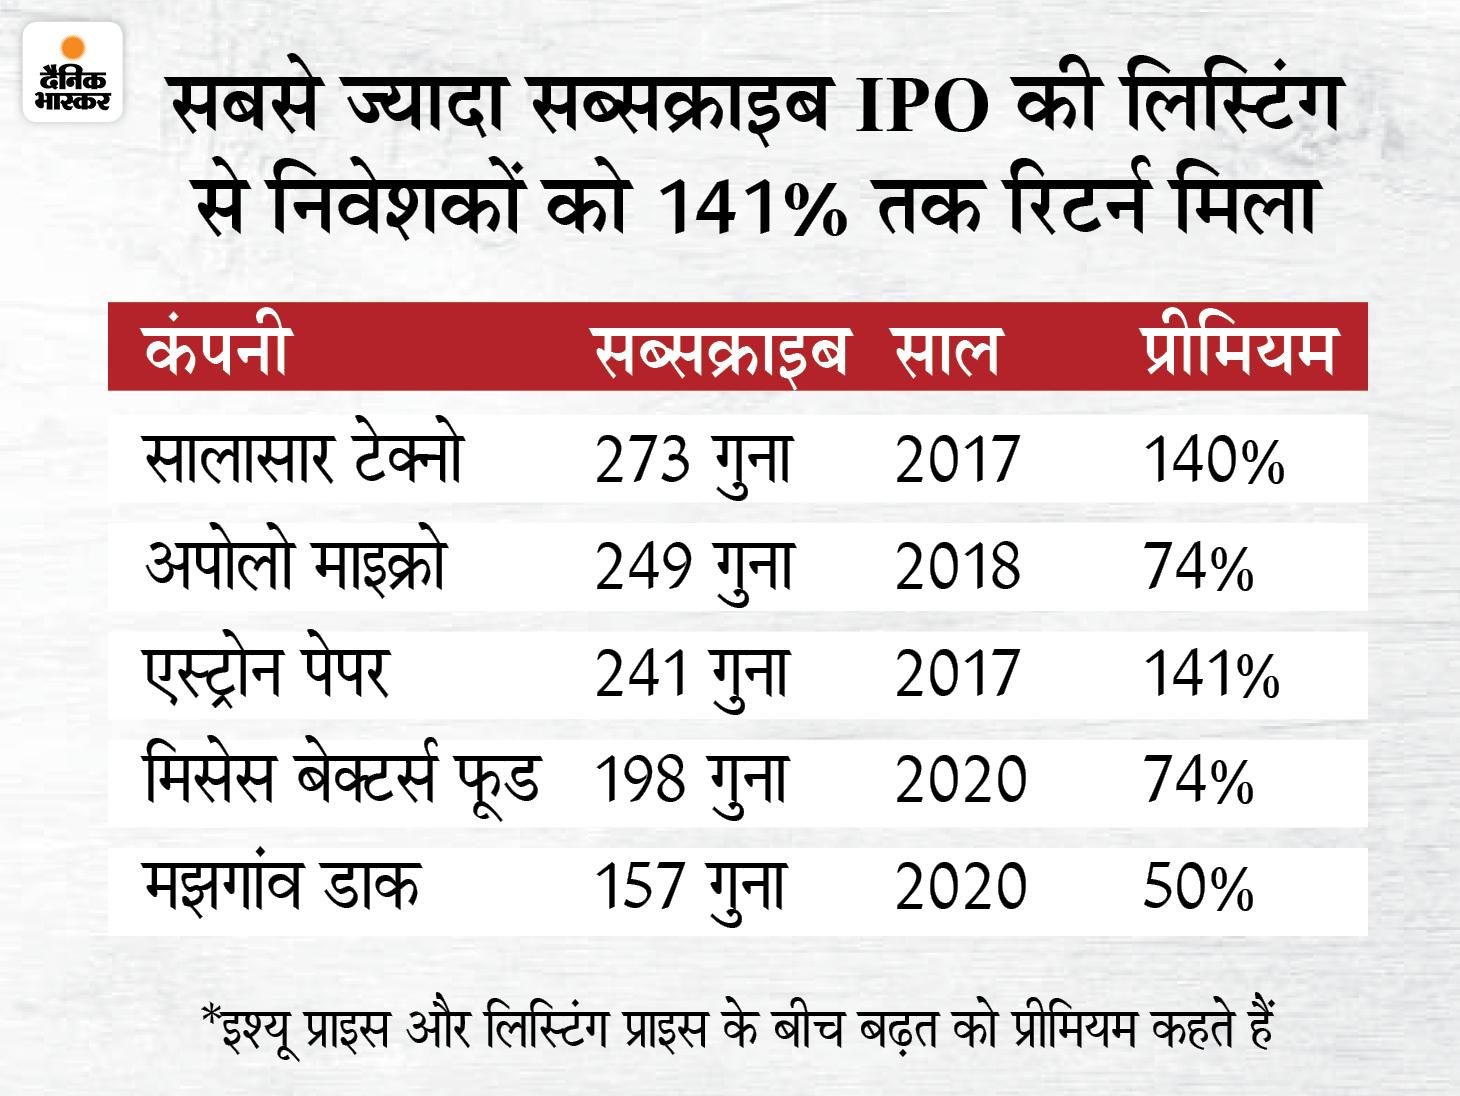 150 गुना से ज्यादा भरे इश्यू से निवेशकों को होता है फायदा, 16 मार्च को होगी MTAR टेक की शेयर बाजार में लिस्टिंग|बिजनेस,Business - Dainik Bhaskar